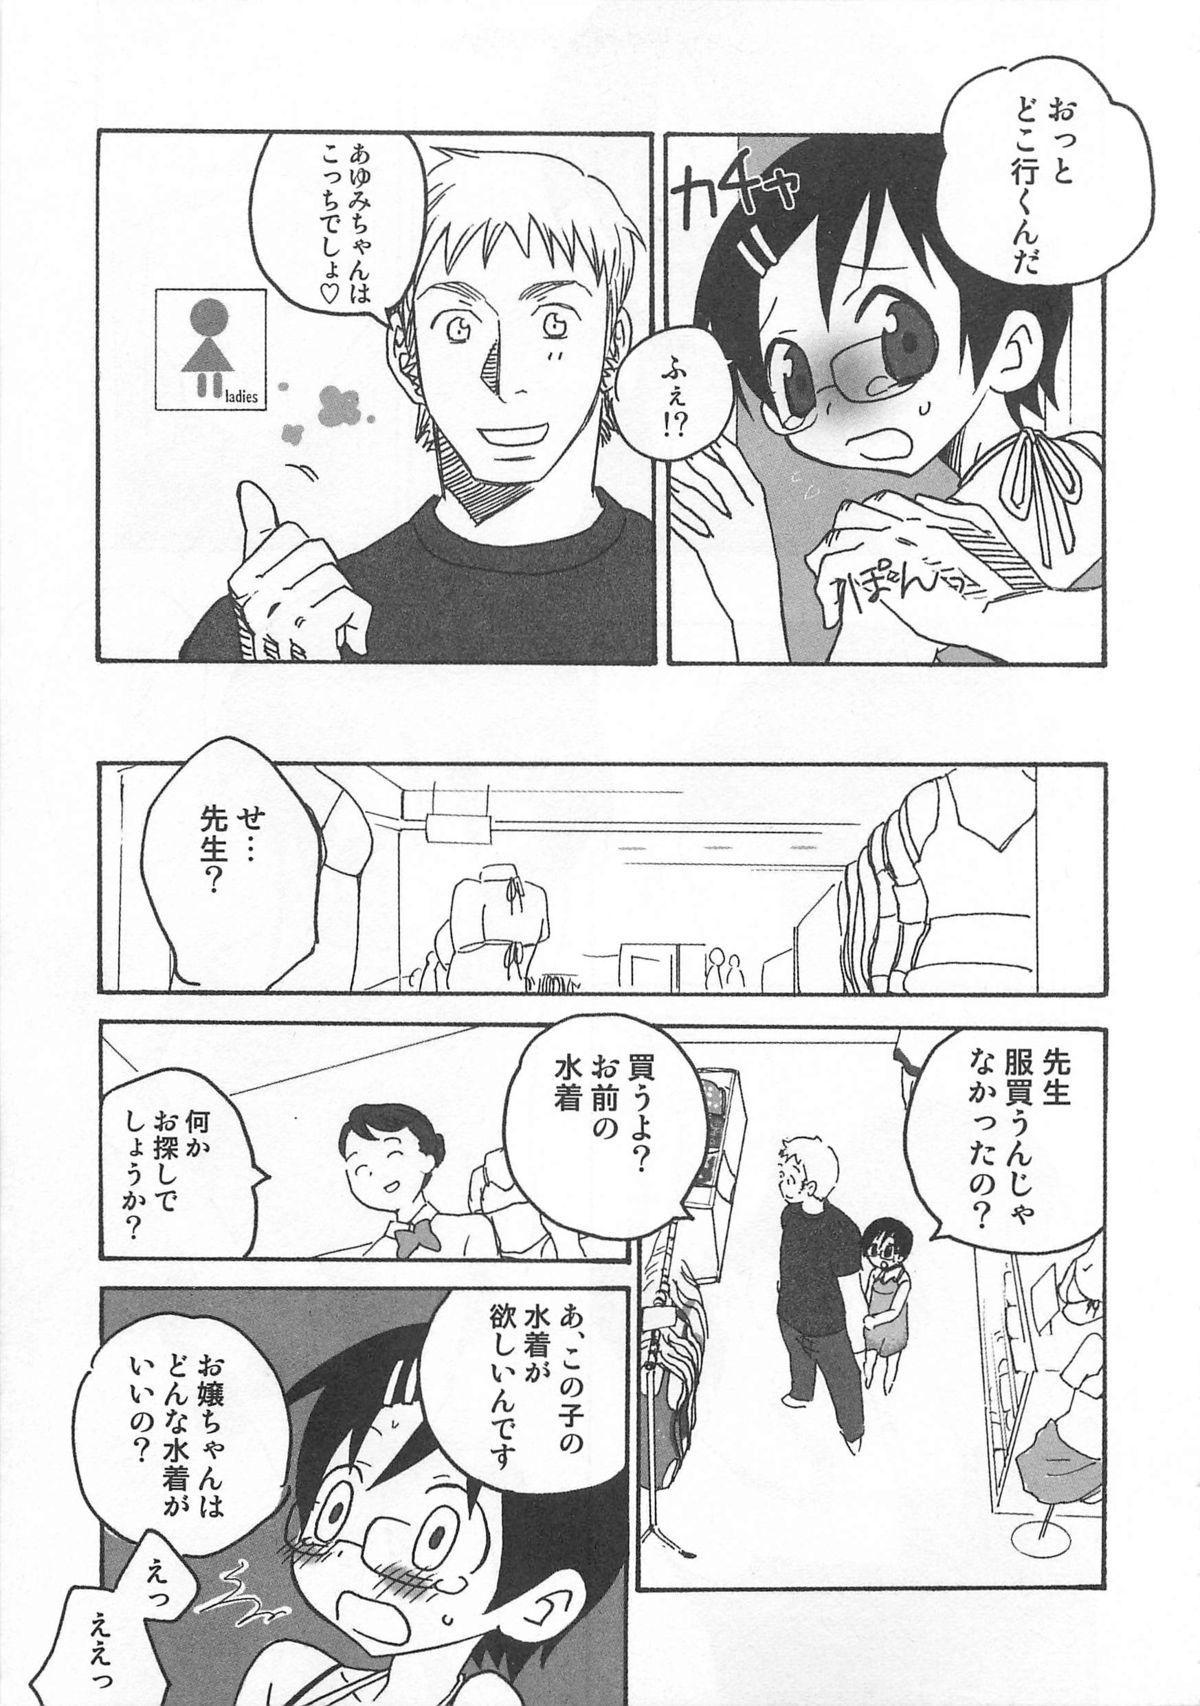 Otokonoko HEAVEN Vol. 01 Meganekko 25